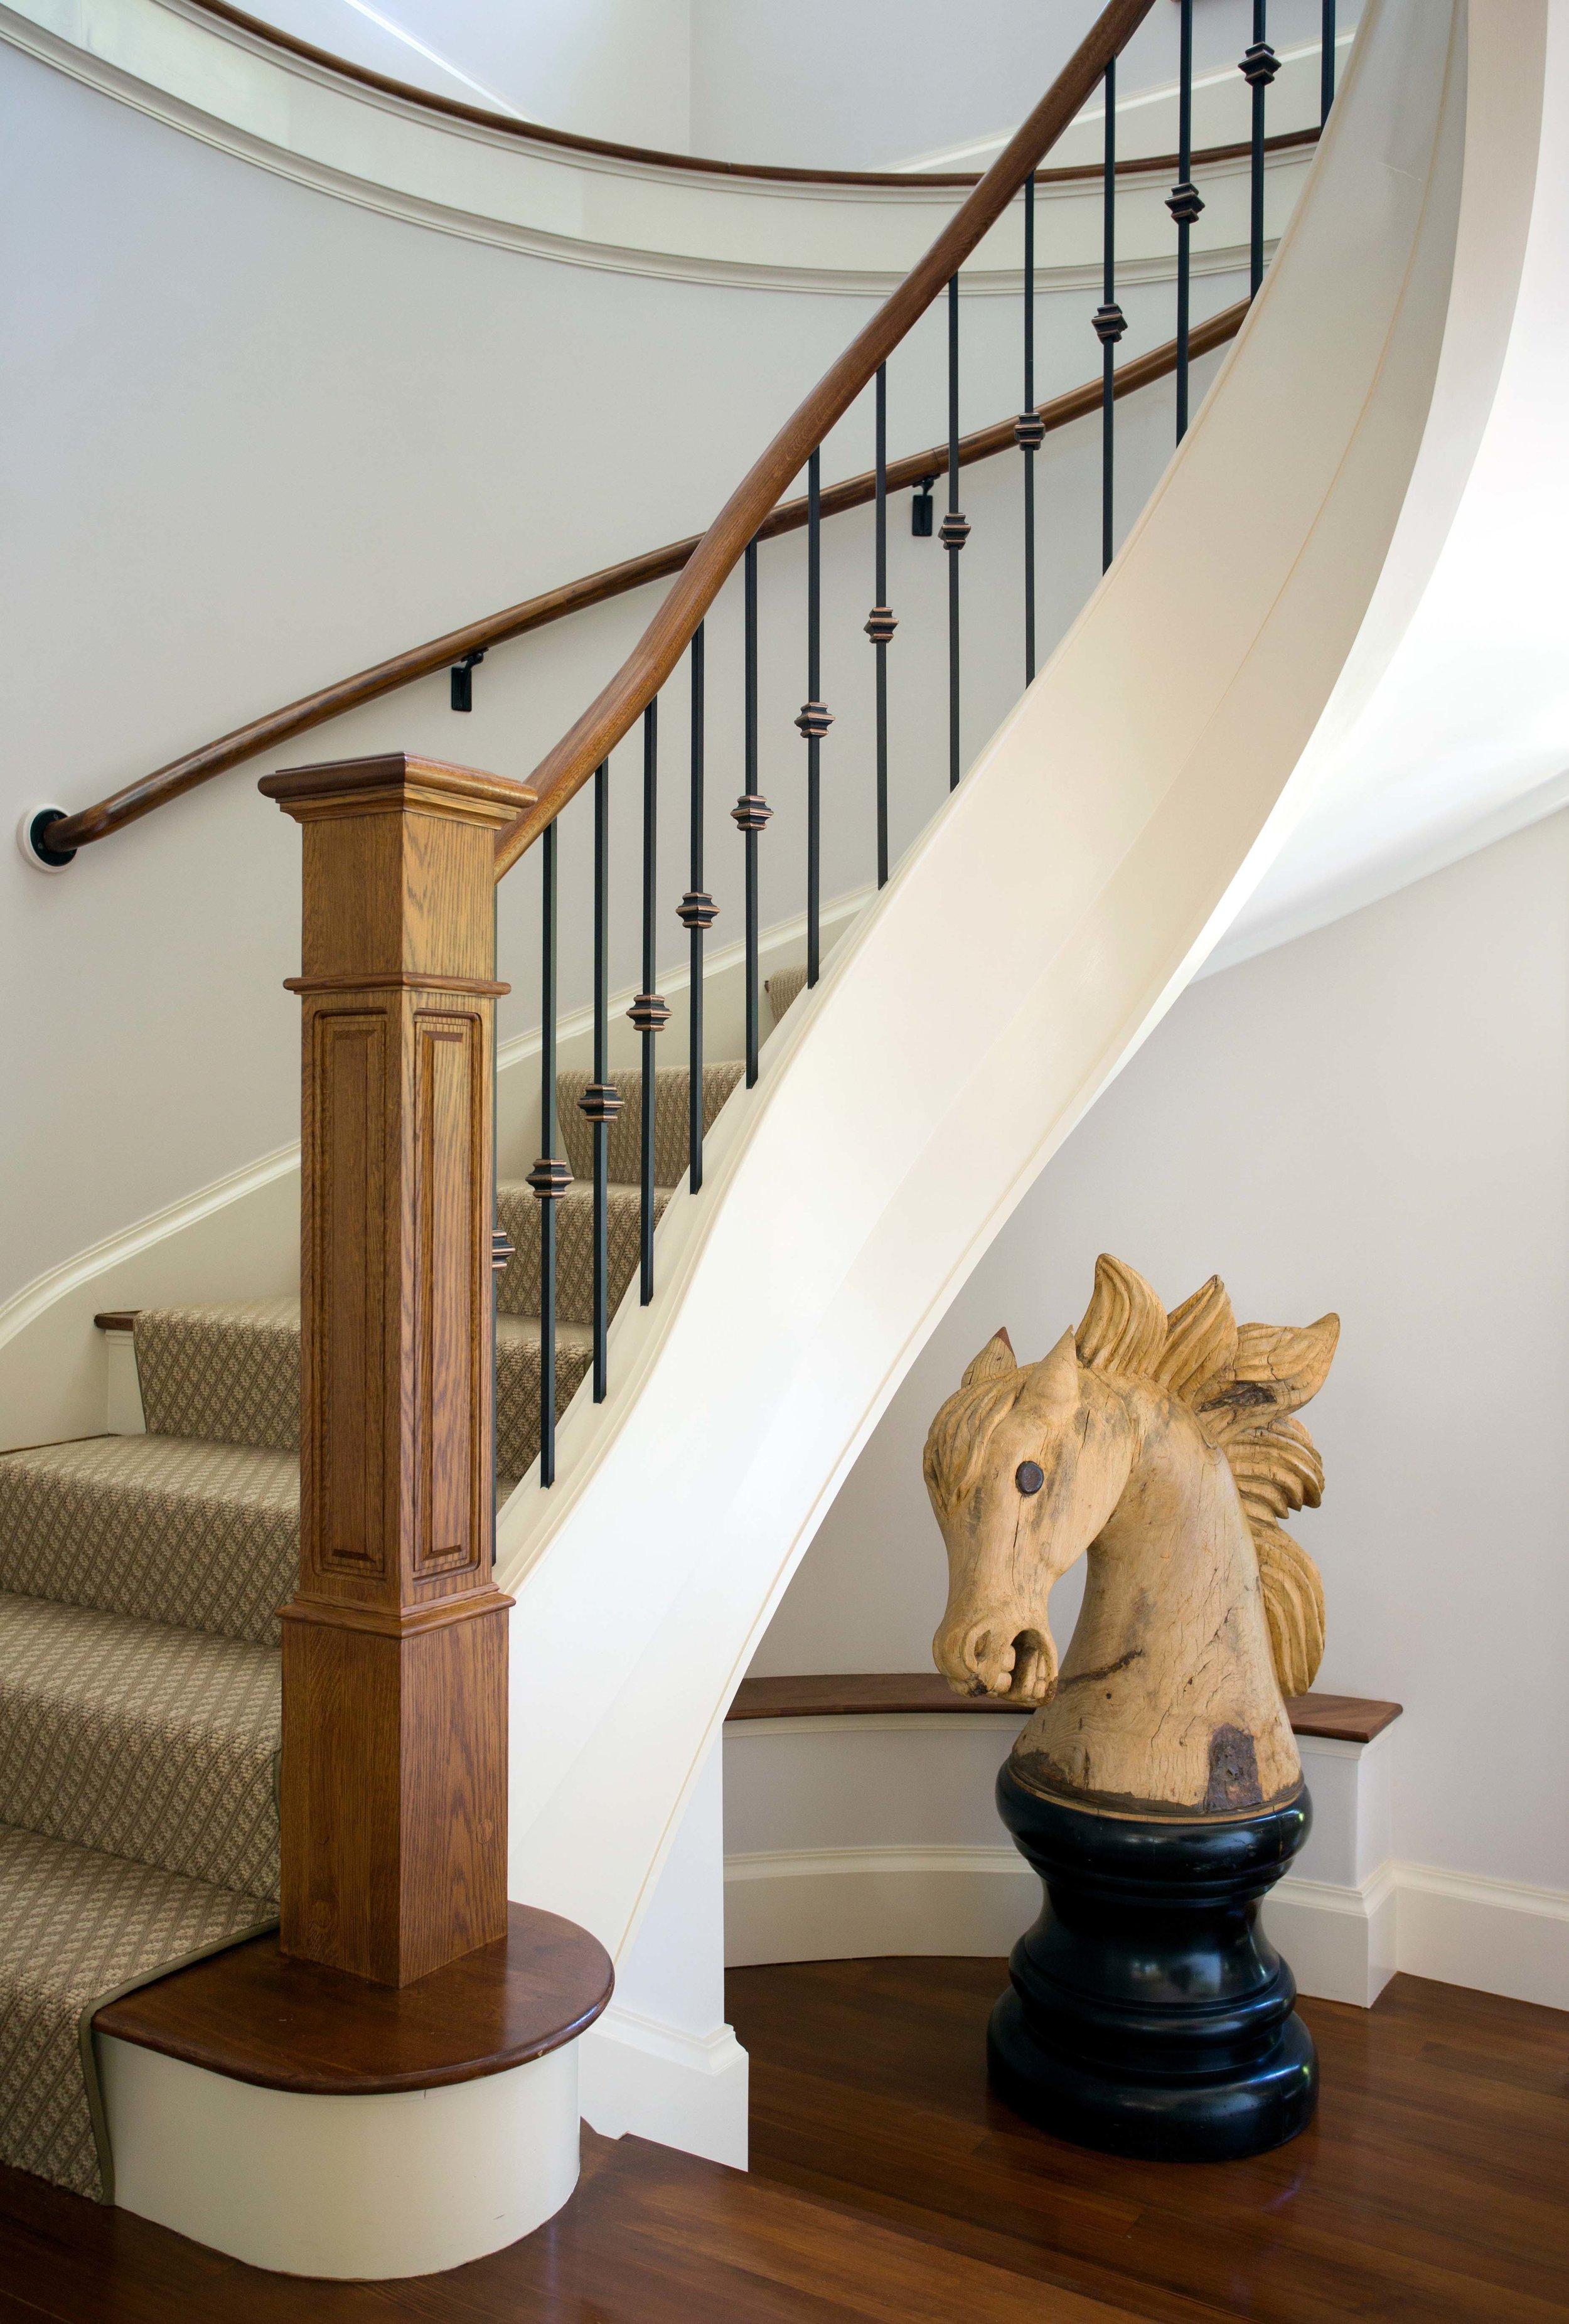 PDR Brookline 6 14 stairs 3.jpg